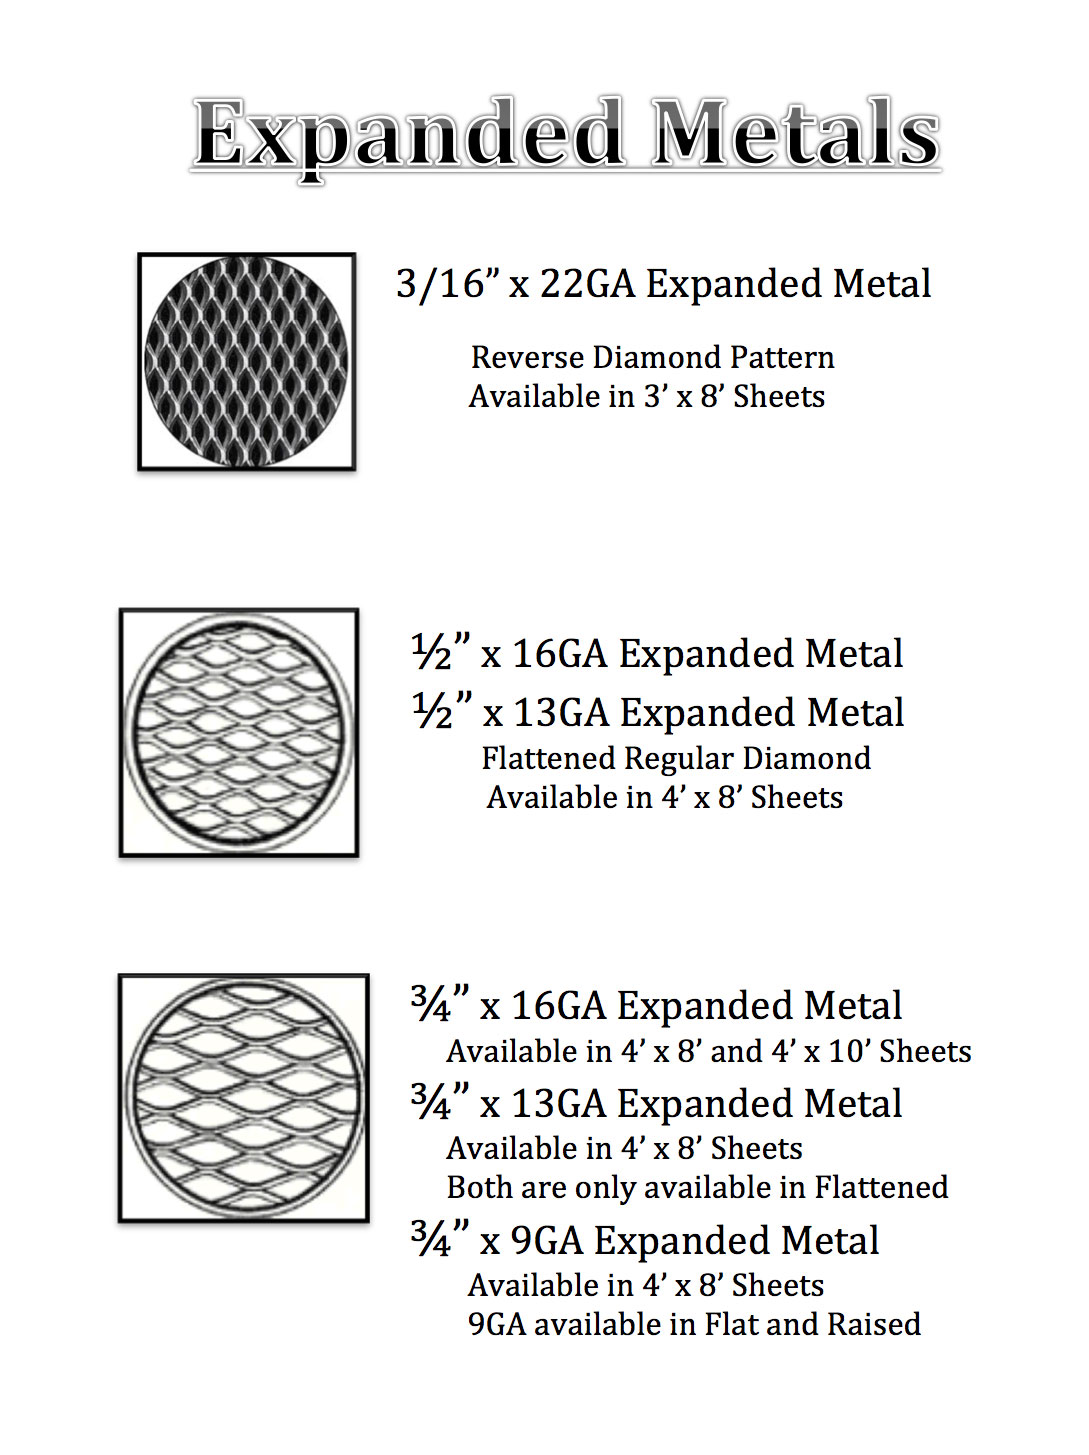 Expanded Sheet Metal Image